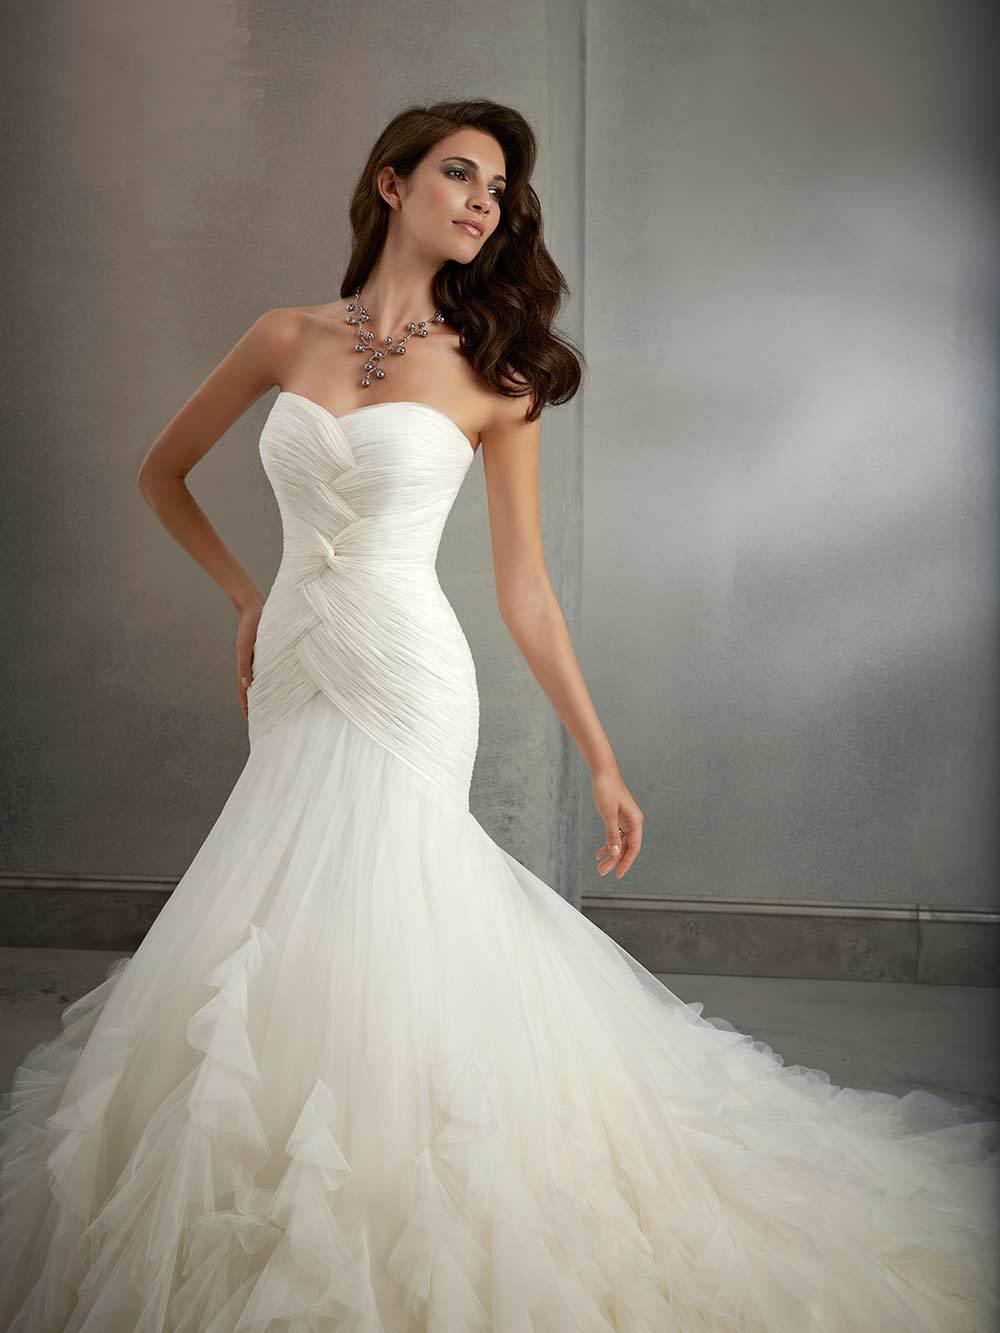 Brautkleid Melanie 39027 von MGNY auf Jade